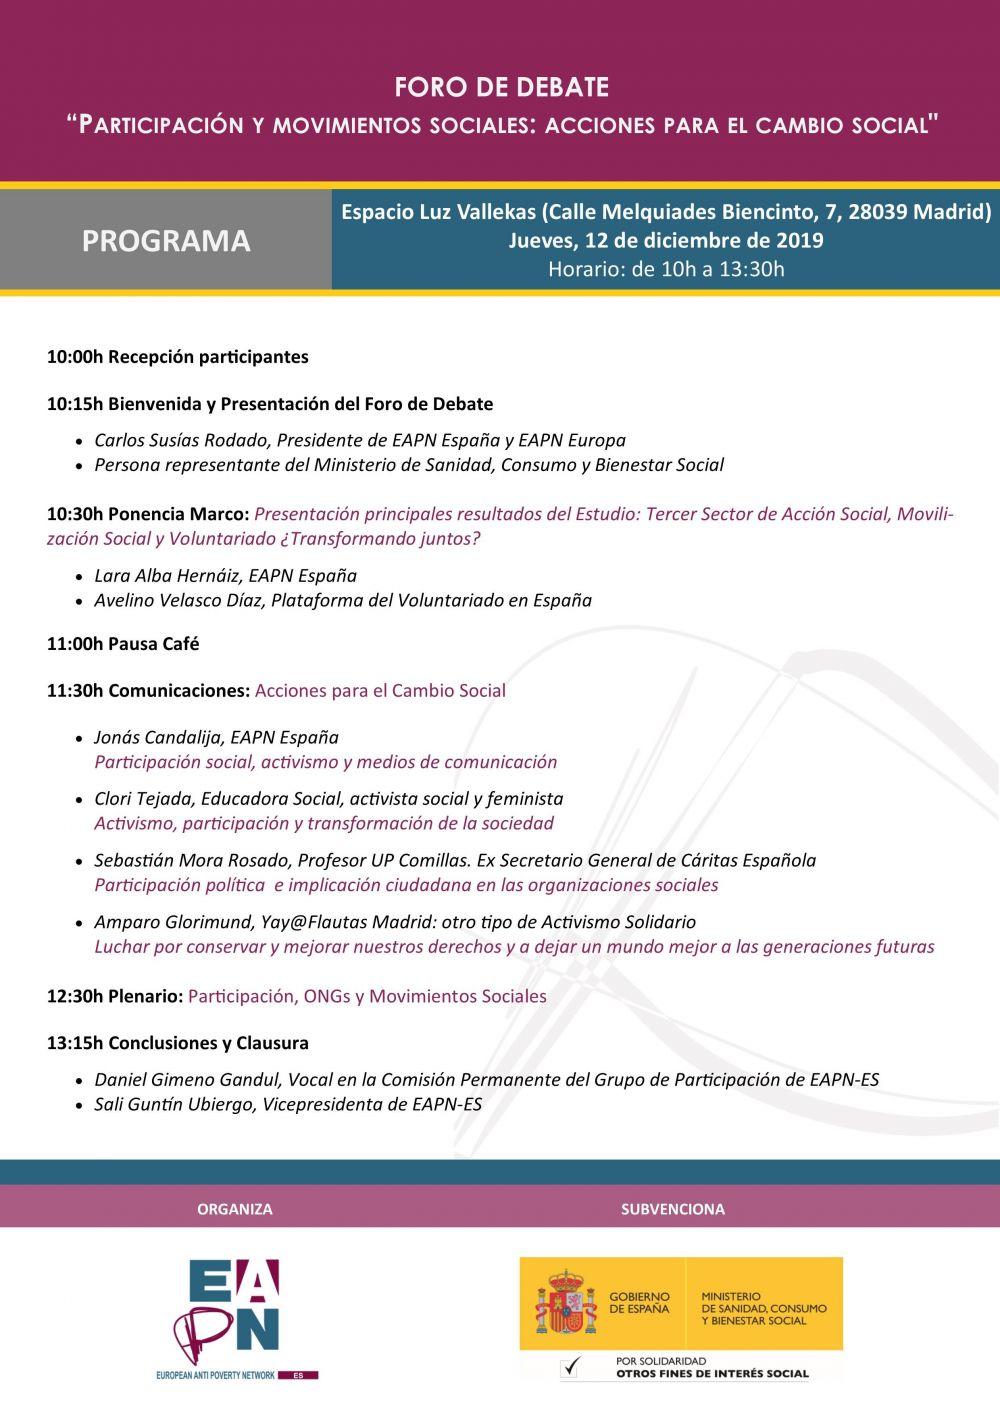 Foro de debate: Participación y Movimientos Sociales